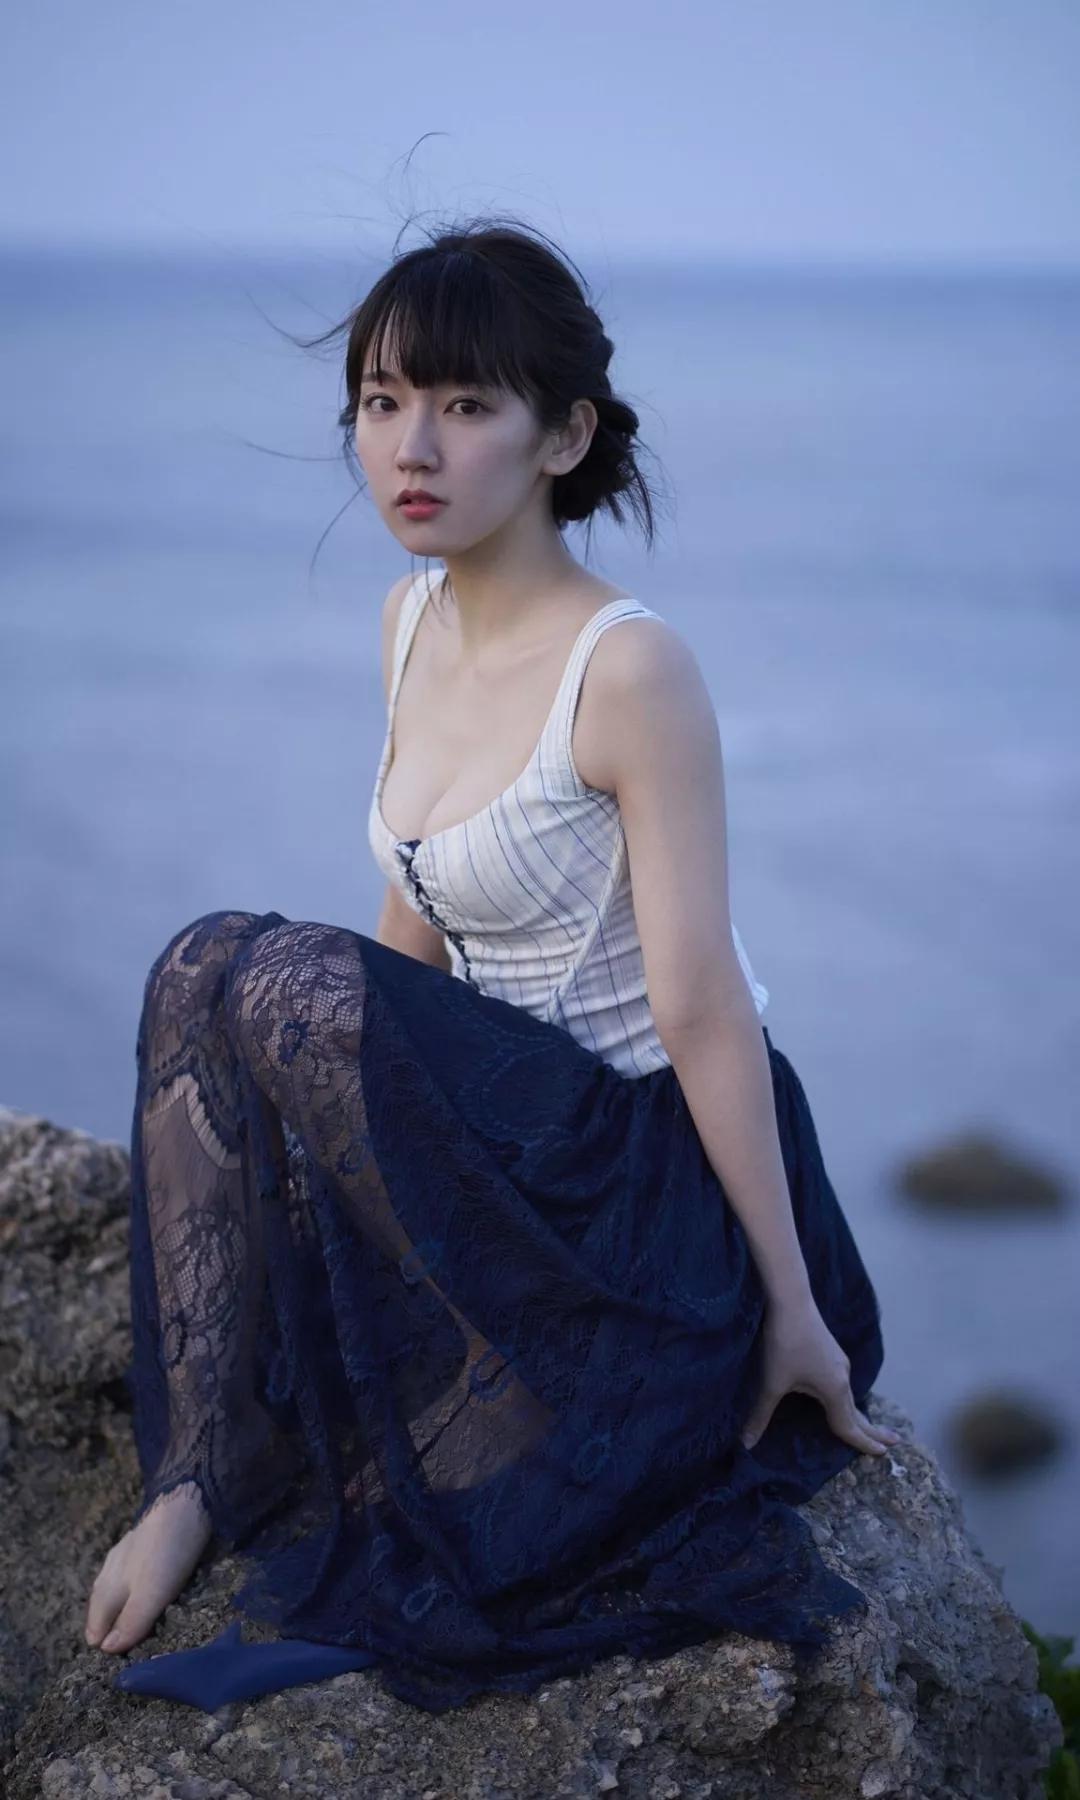 吉冈里帆 写真集Riho (37)